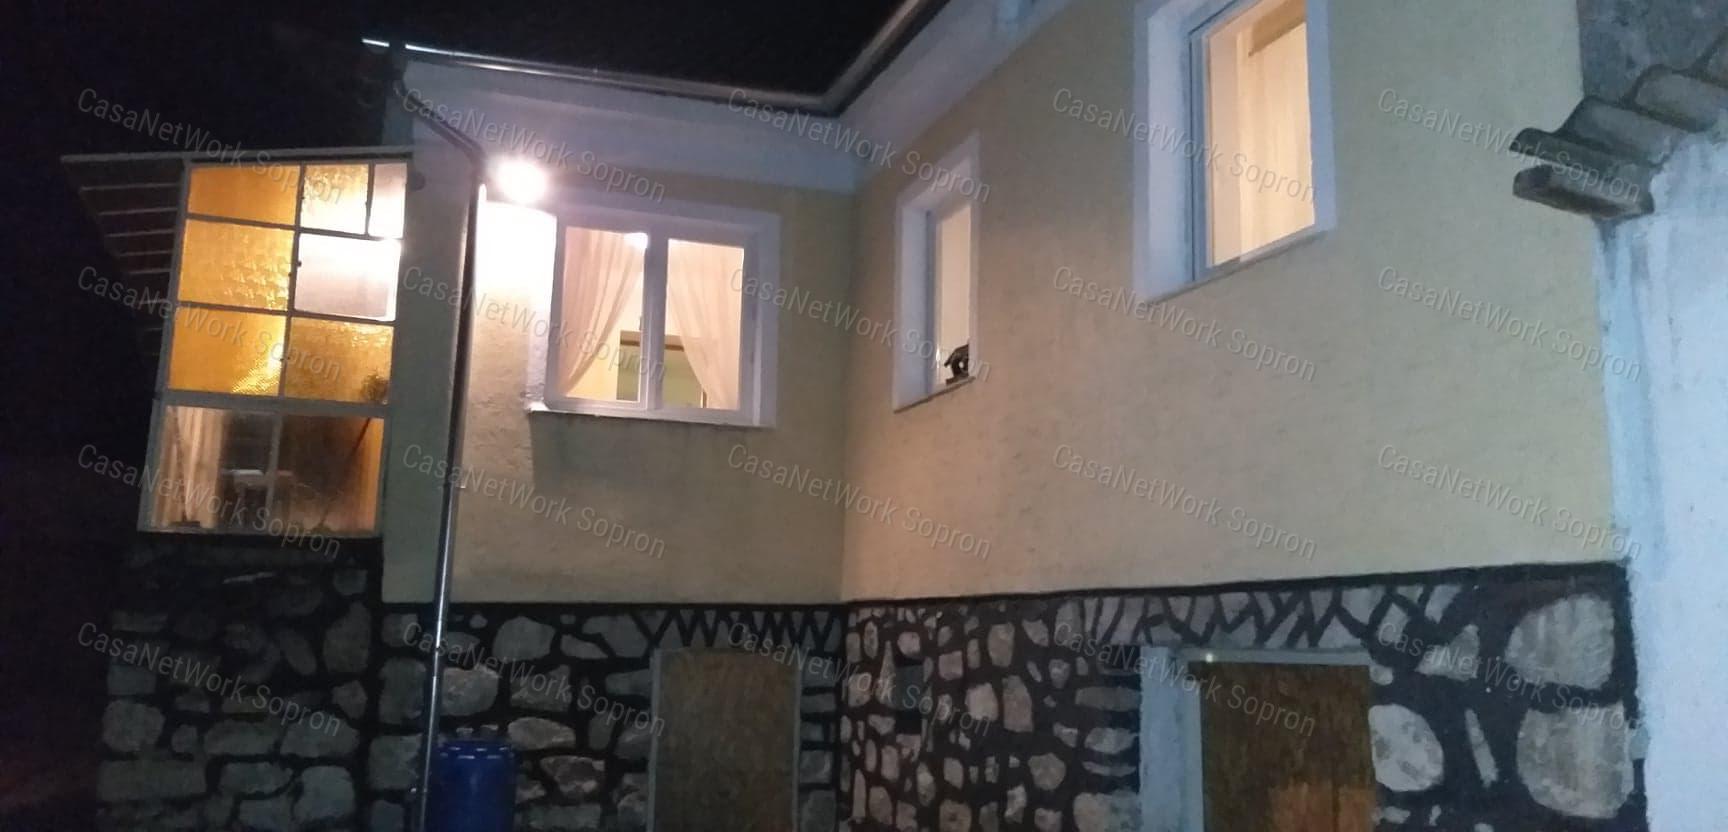 Eladó családi ház, Győr-Moson-Sopron megye, Sopron (Balf) - sz.: 164301593 - CasaNetWork.hu